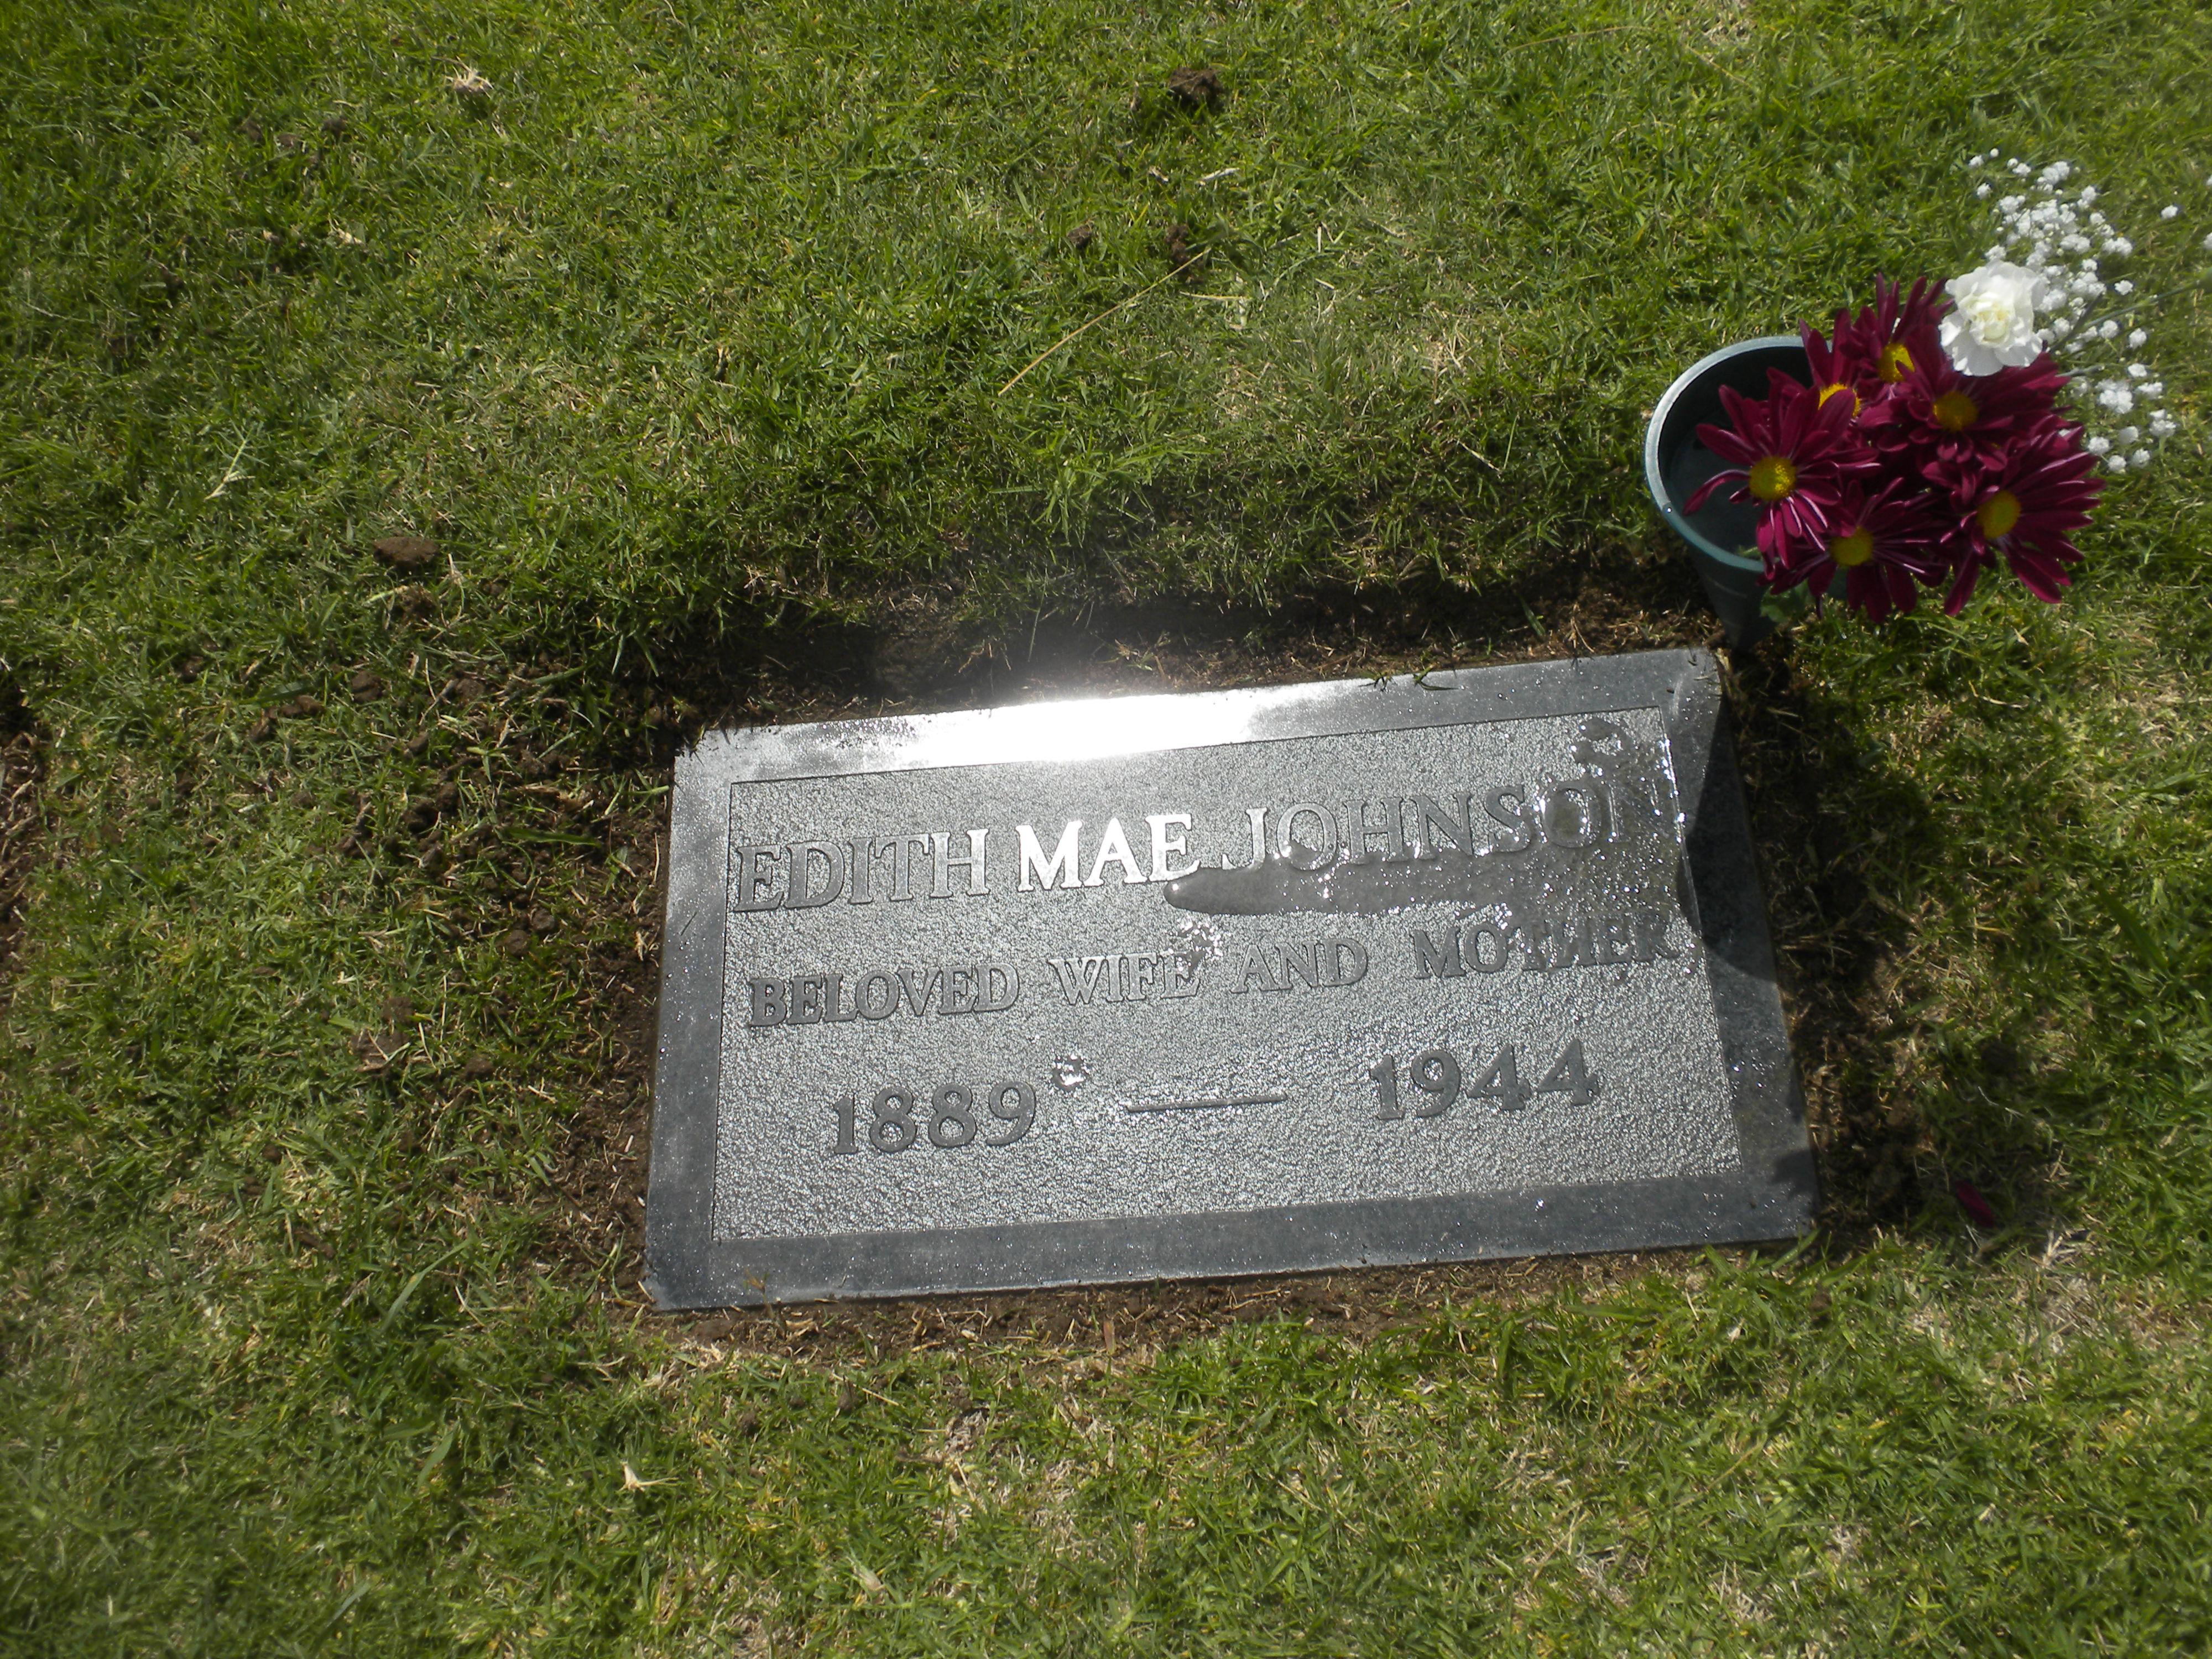 Edith May Jordan